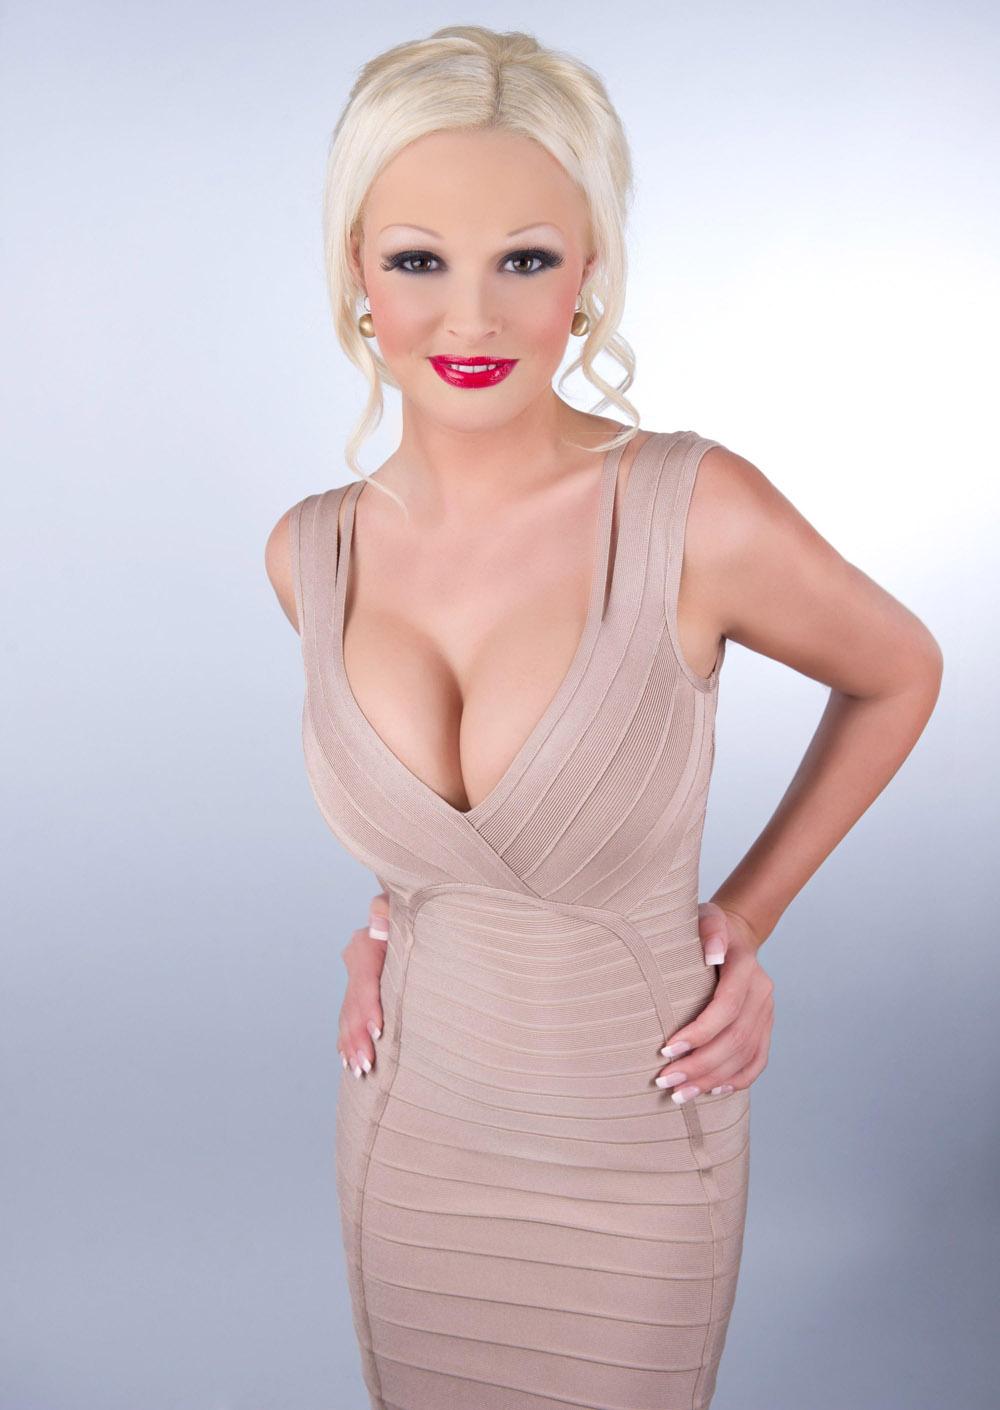 Daniela Katzenberger Nackt. Fotografie - 81